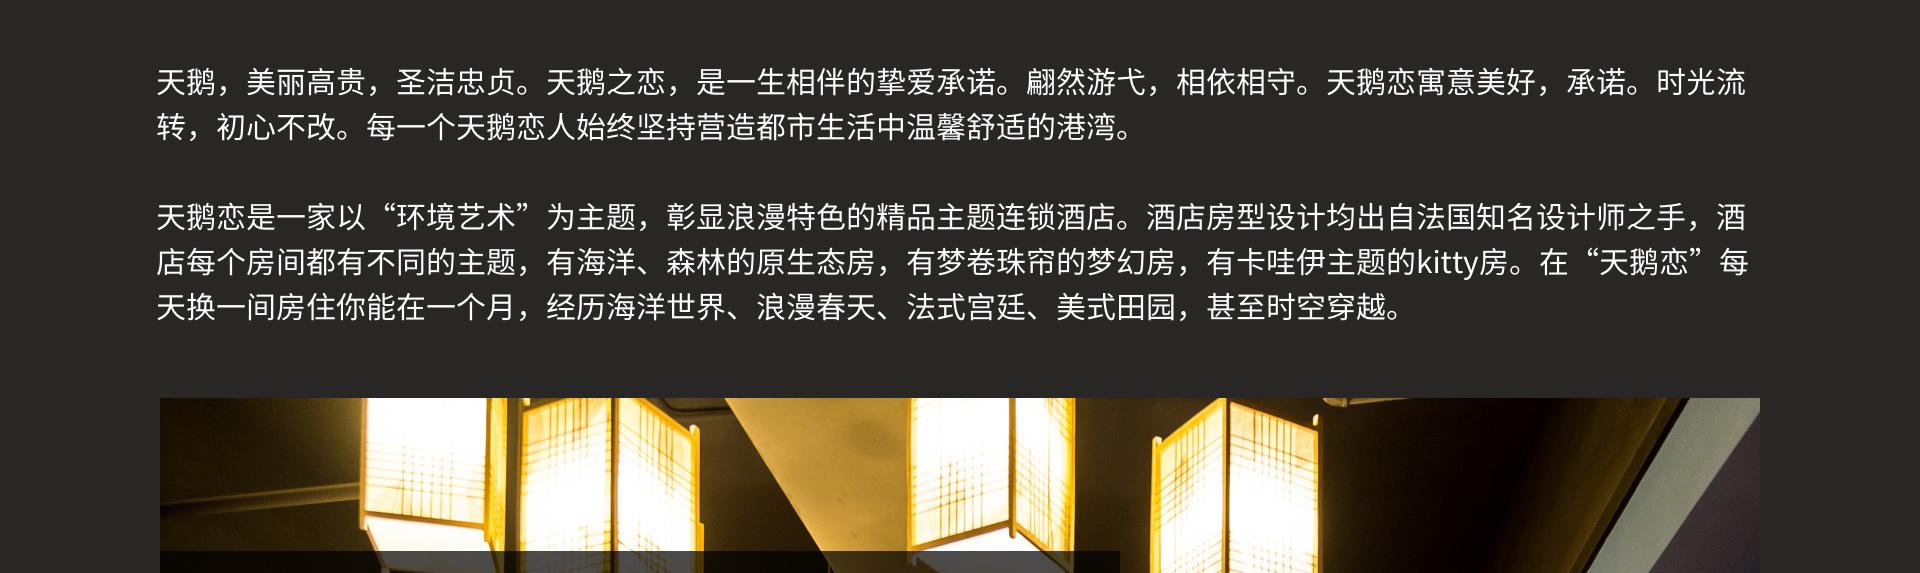 天鹅恋酒店PC_03